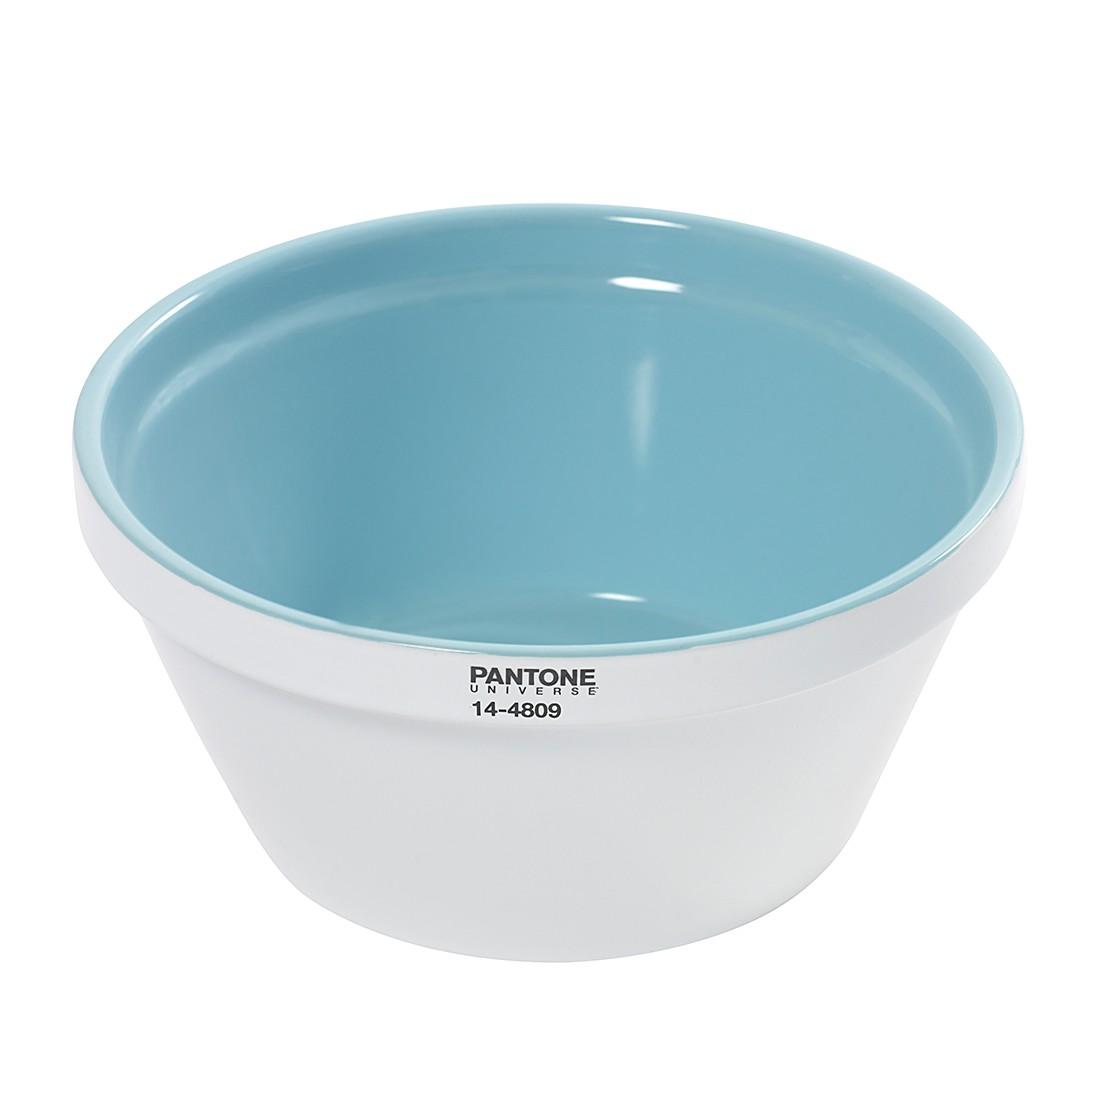 Salatschüssel Pantone II (2er-Set) – Hellblau, Pantone günstig online kaufen